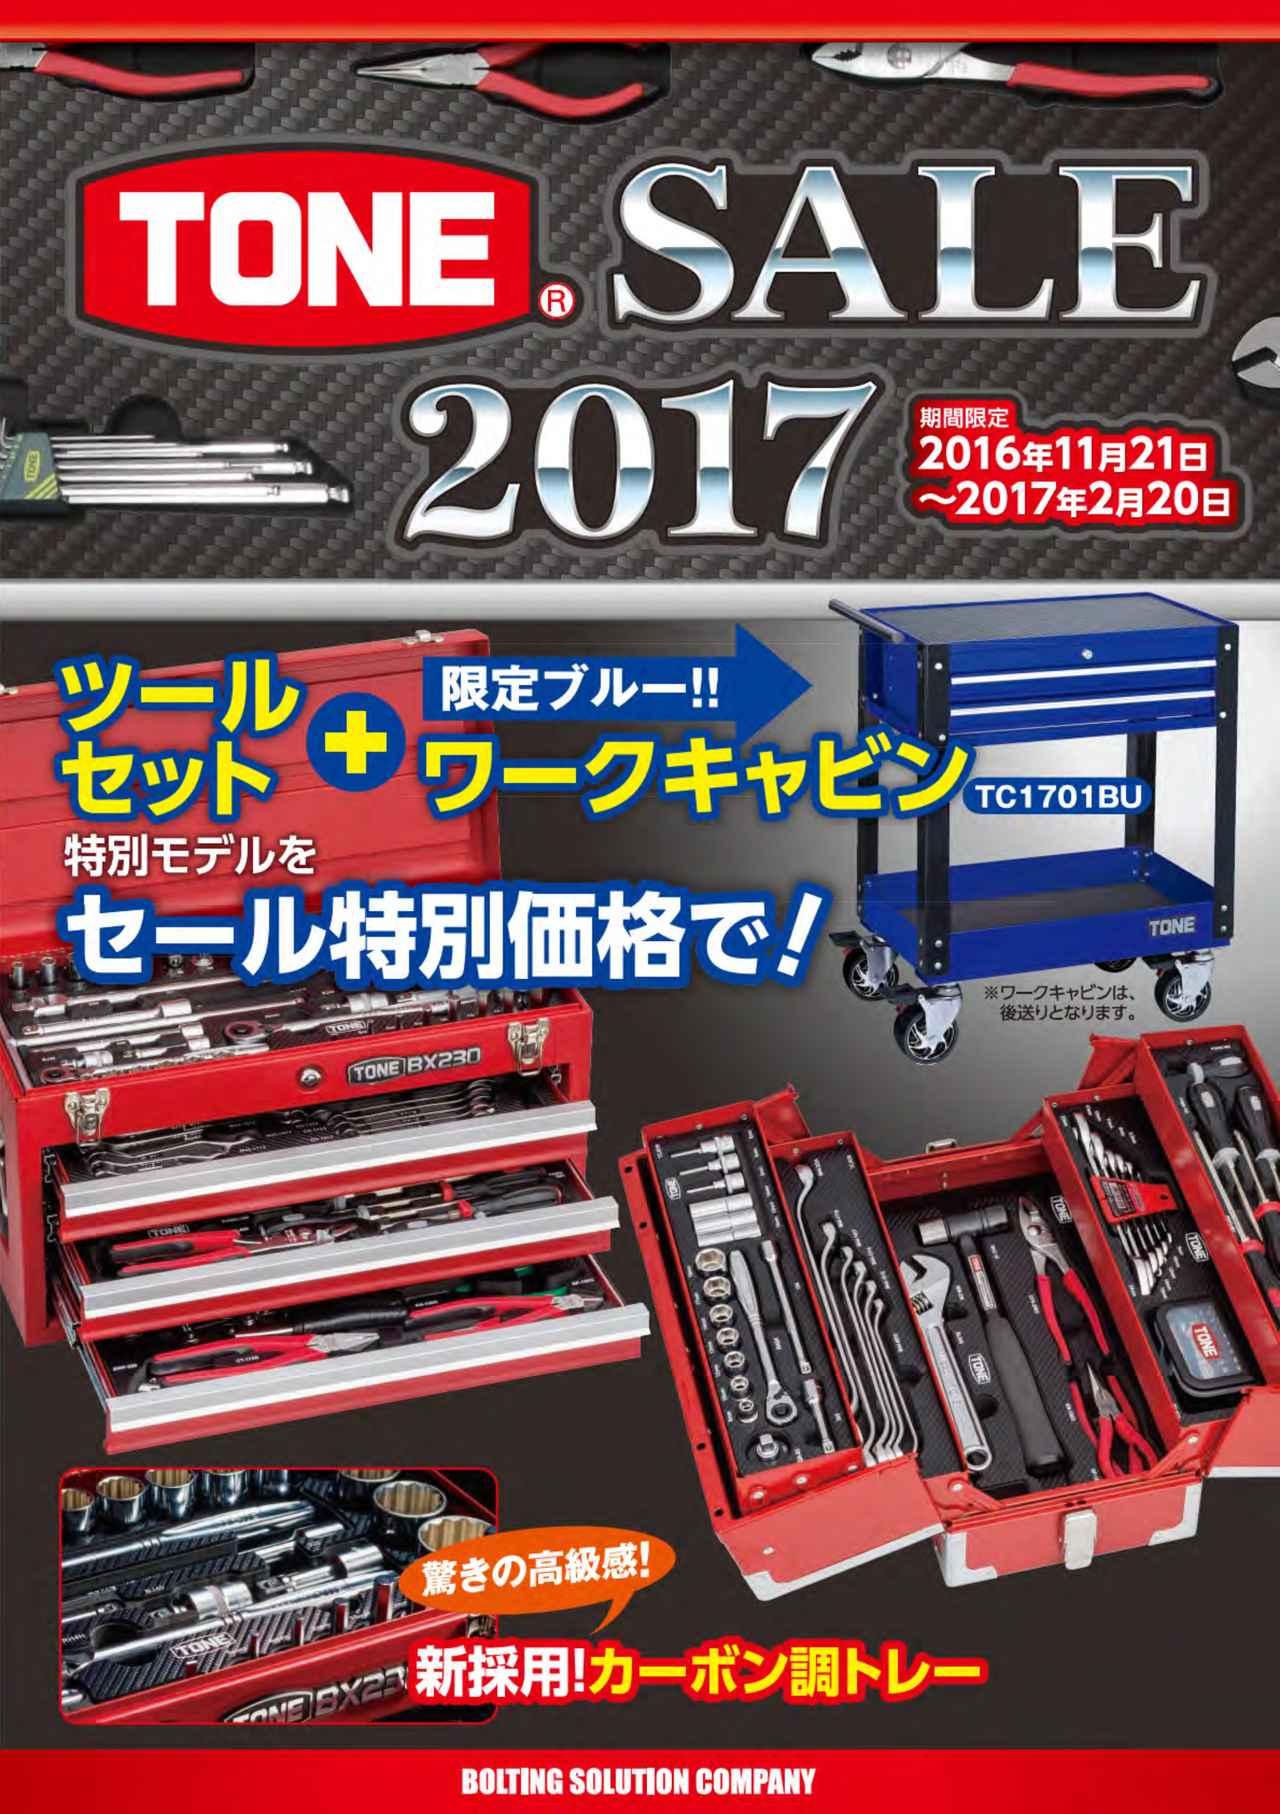 画像: TONE公式サイト